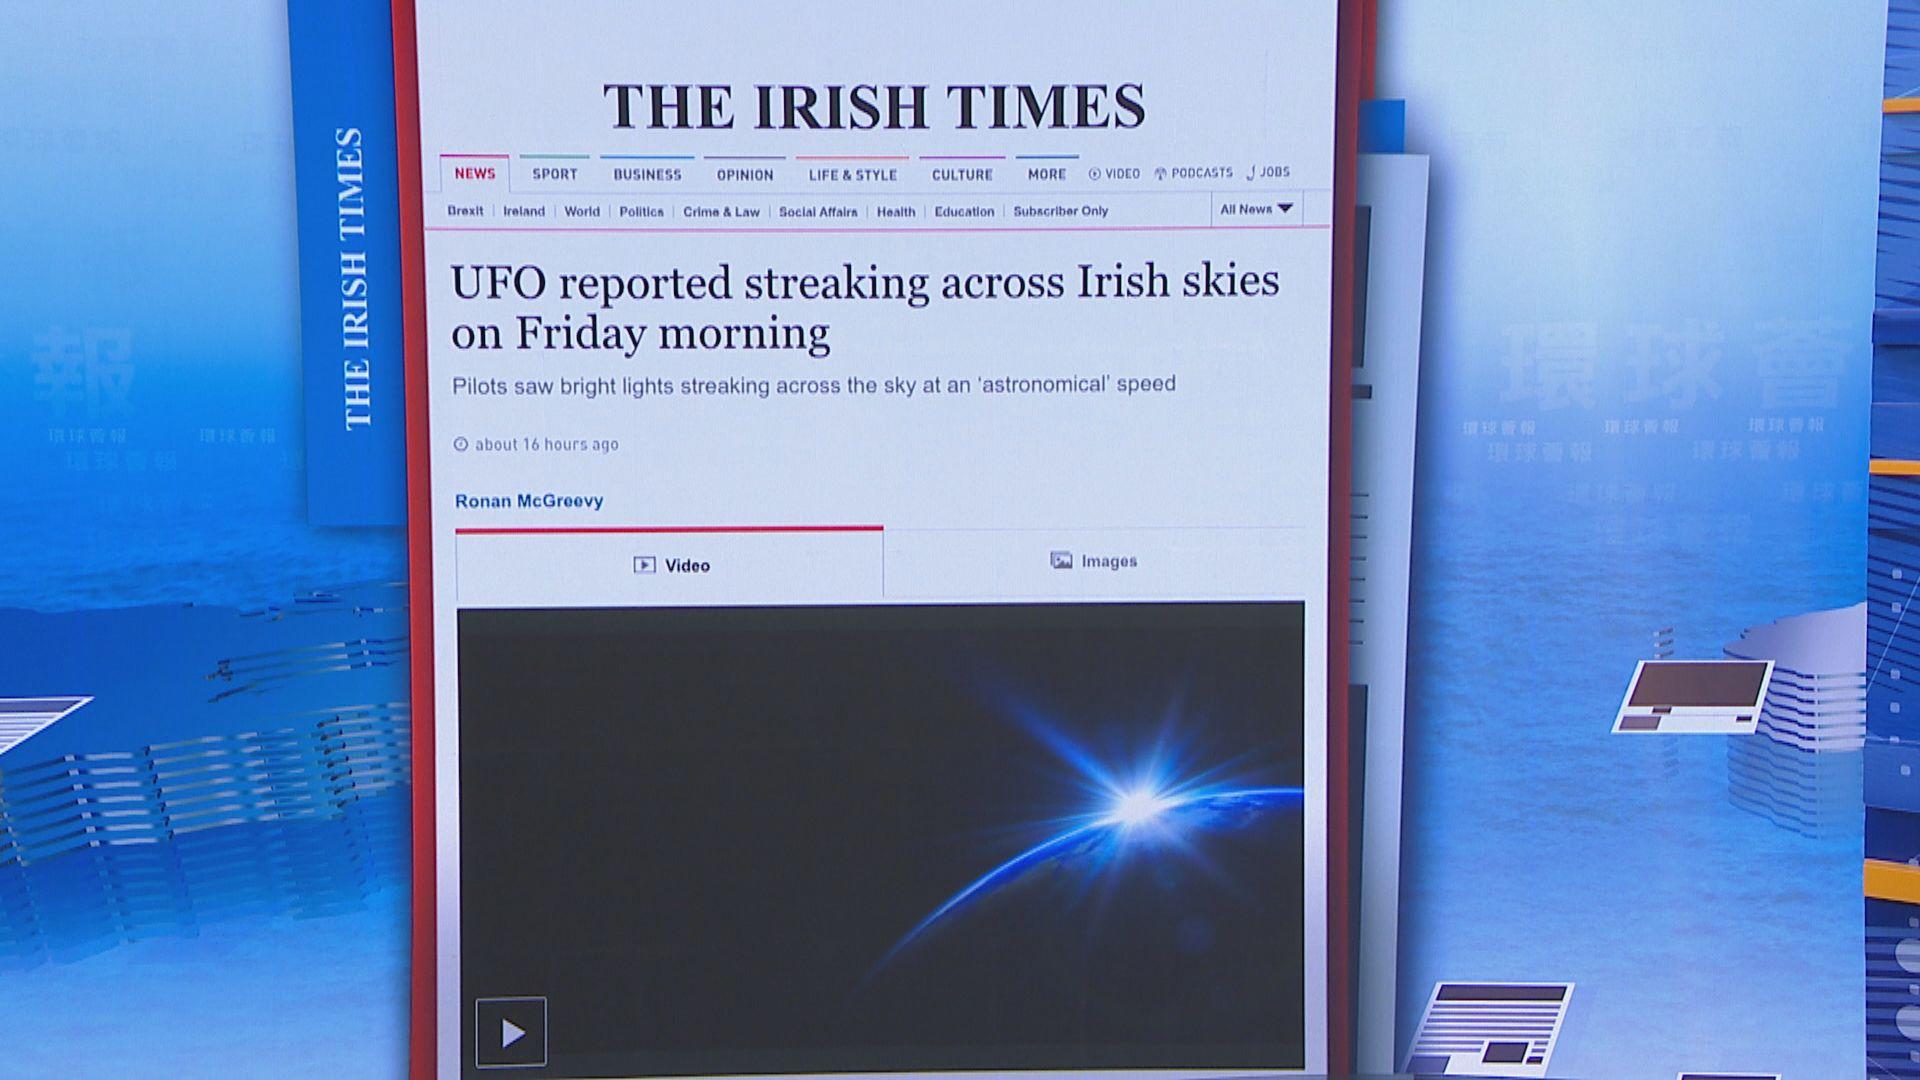 【環球薈報】民航機師愛爾蘭上空發現UFO